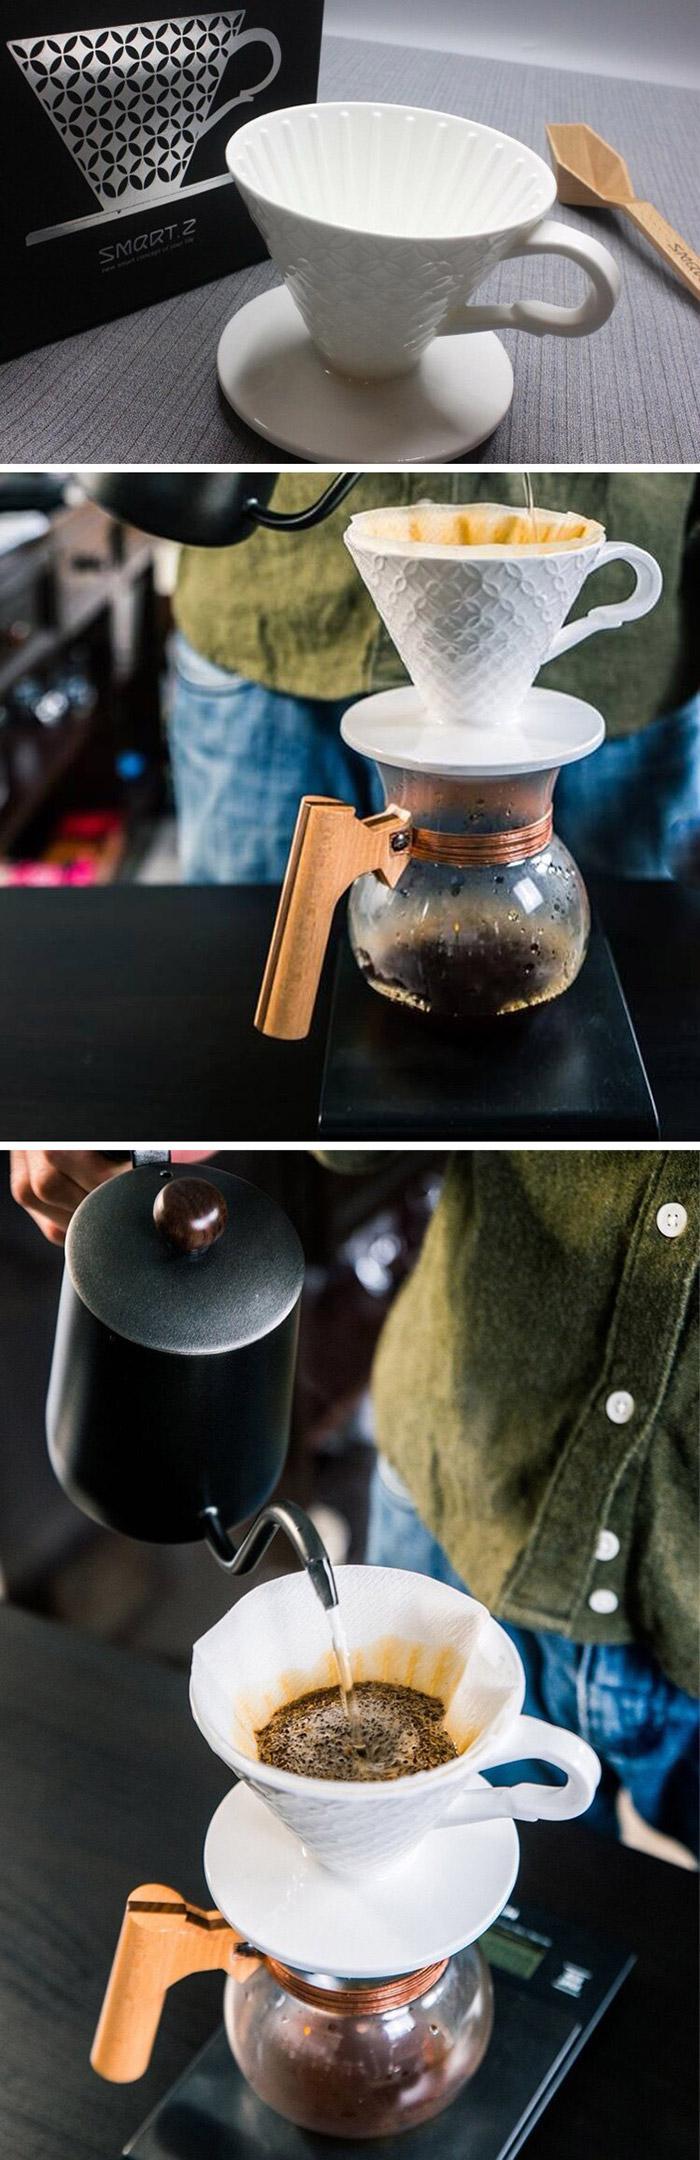 (複製)SMART.Z|頂級雞翅木咖啡沖壺 消光黑(玄鐵黑) 0.55L